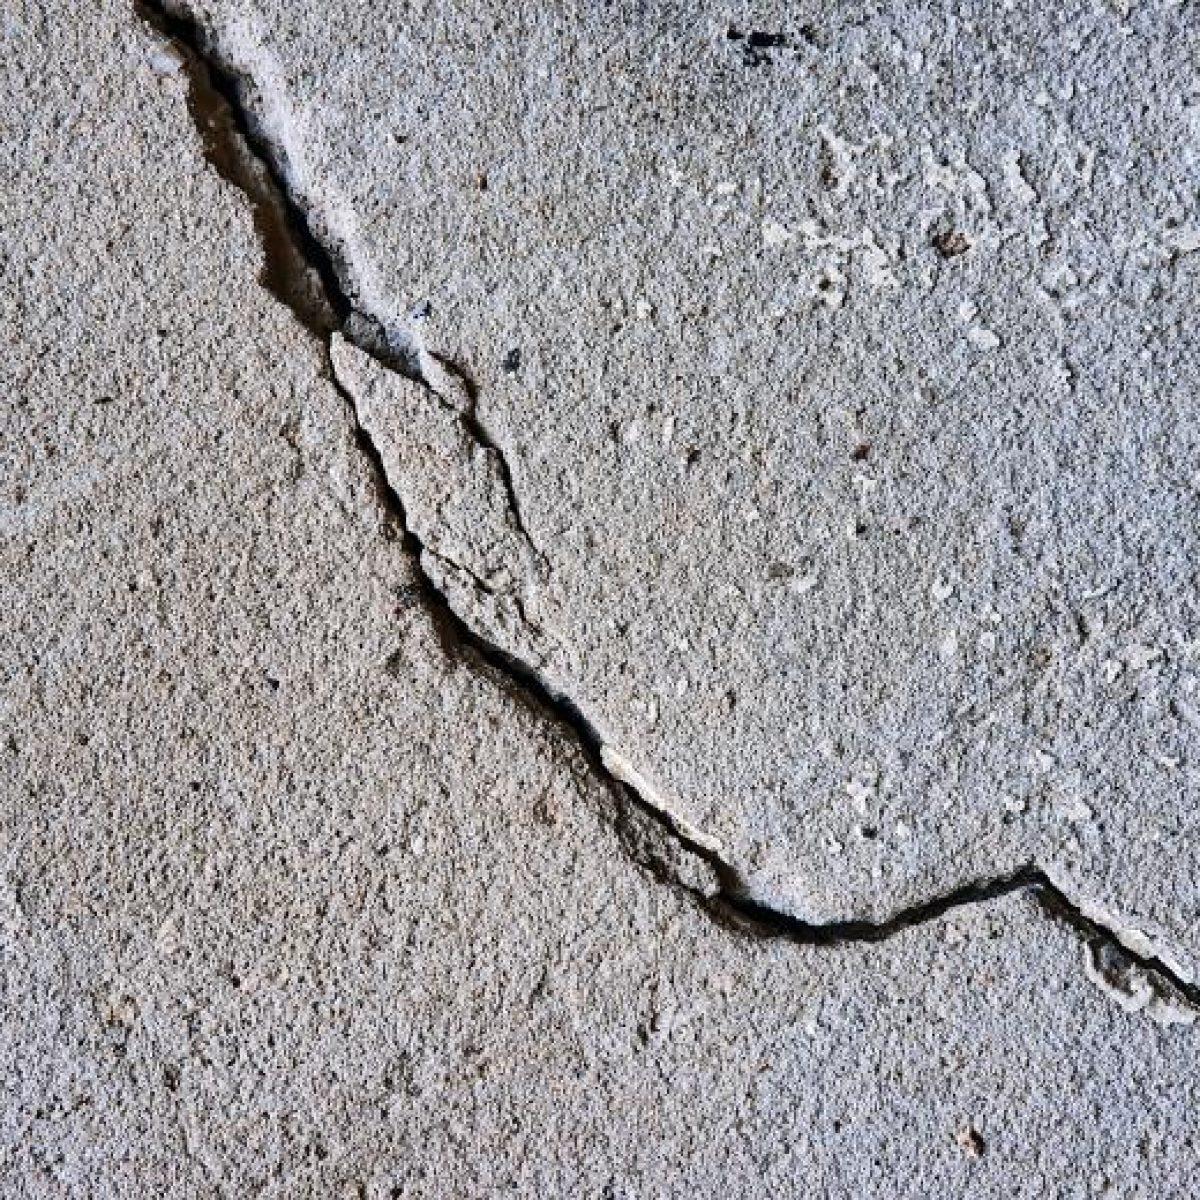 Sciame sismico nel Forlivese, 11 scosse in un'ora con epicentro a Meldola